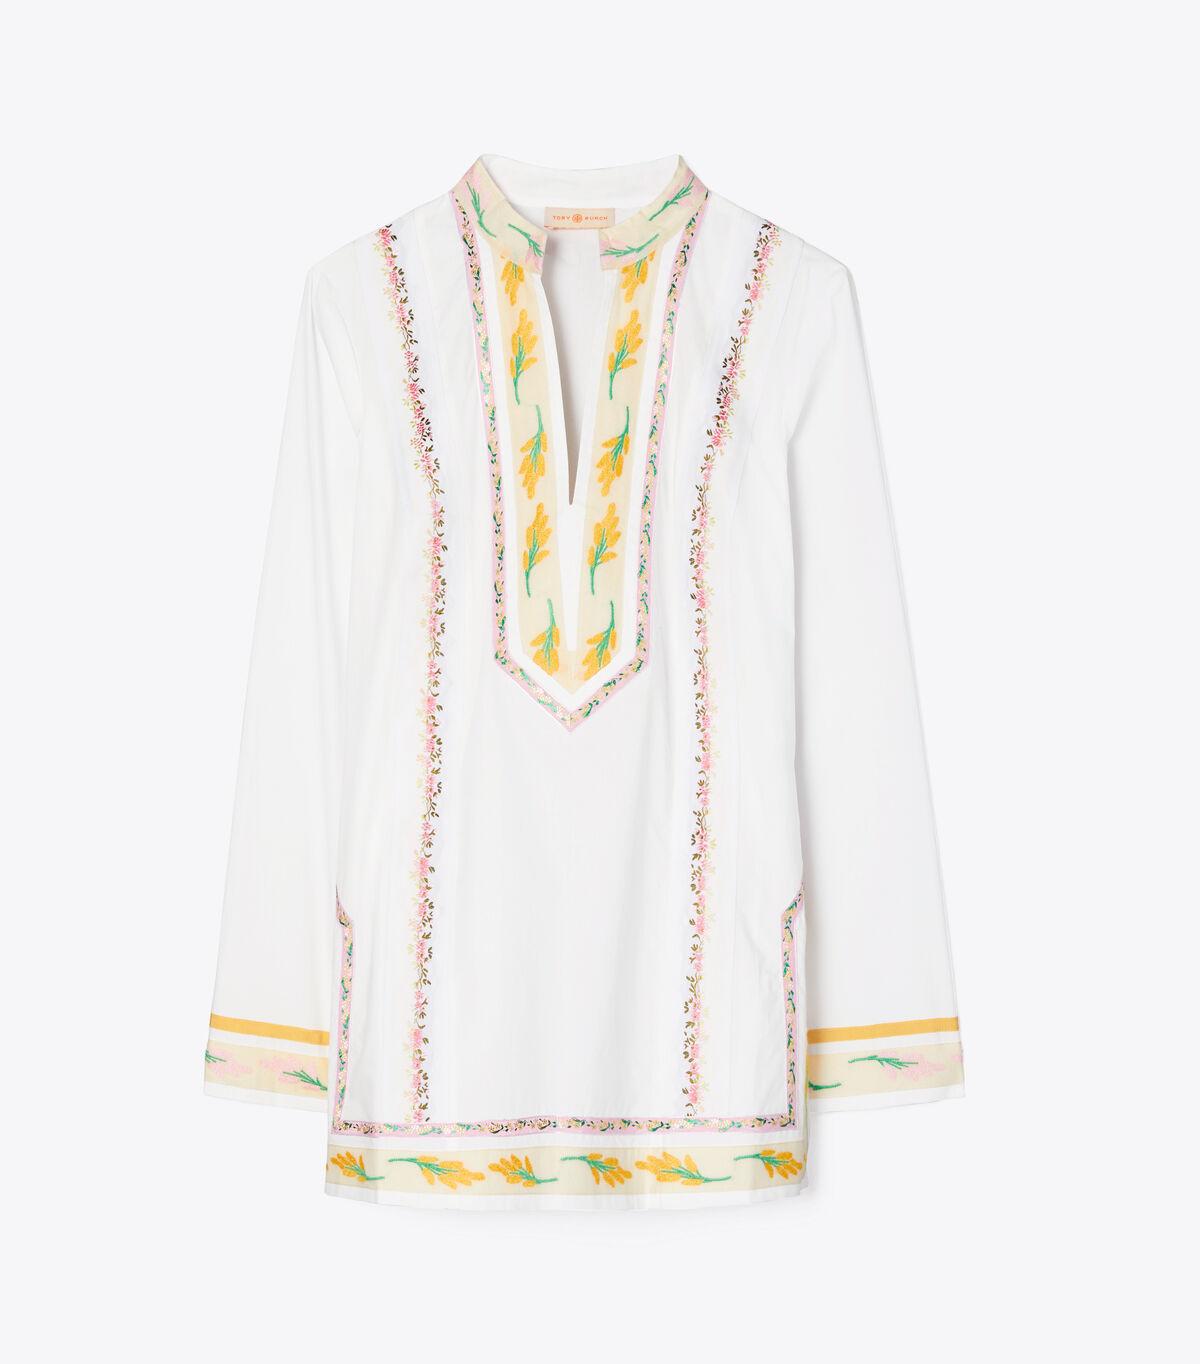 Ribbon Embellished Tunic